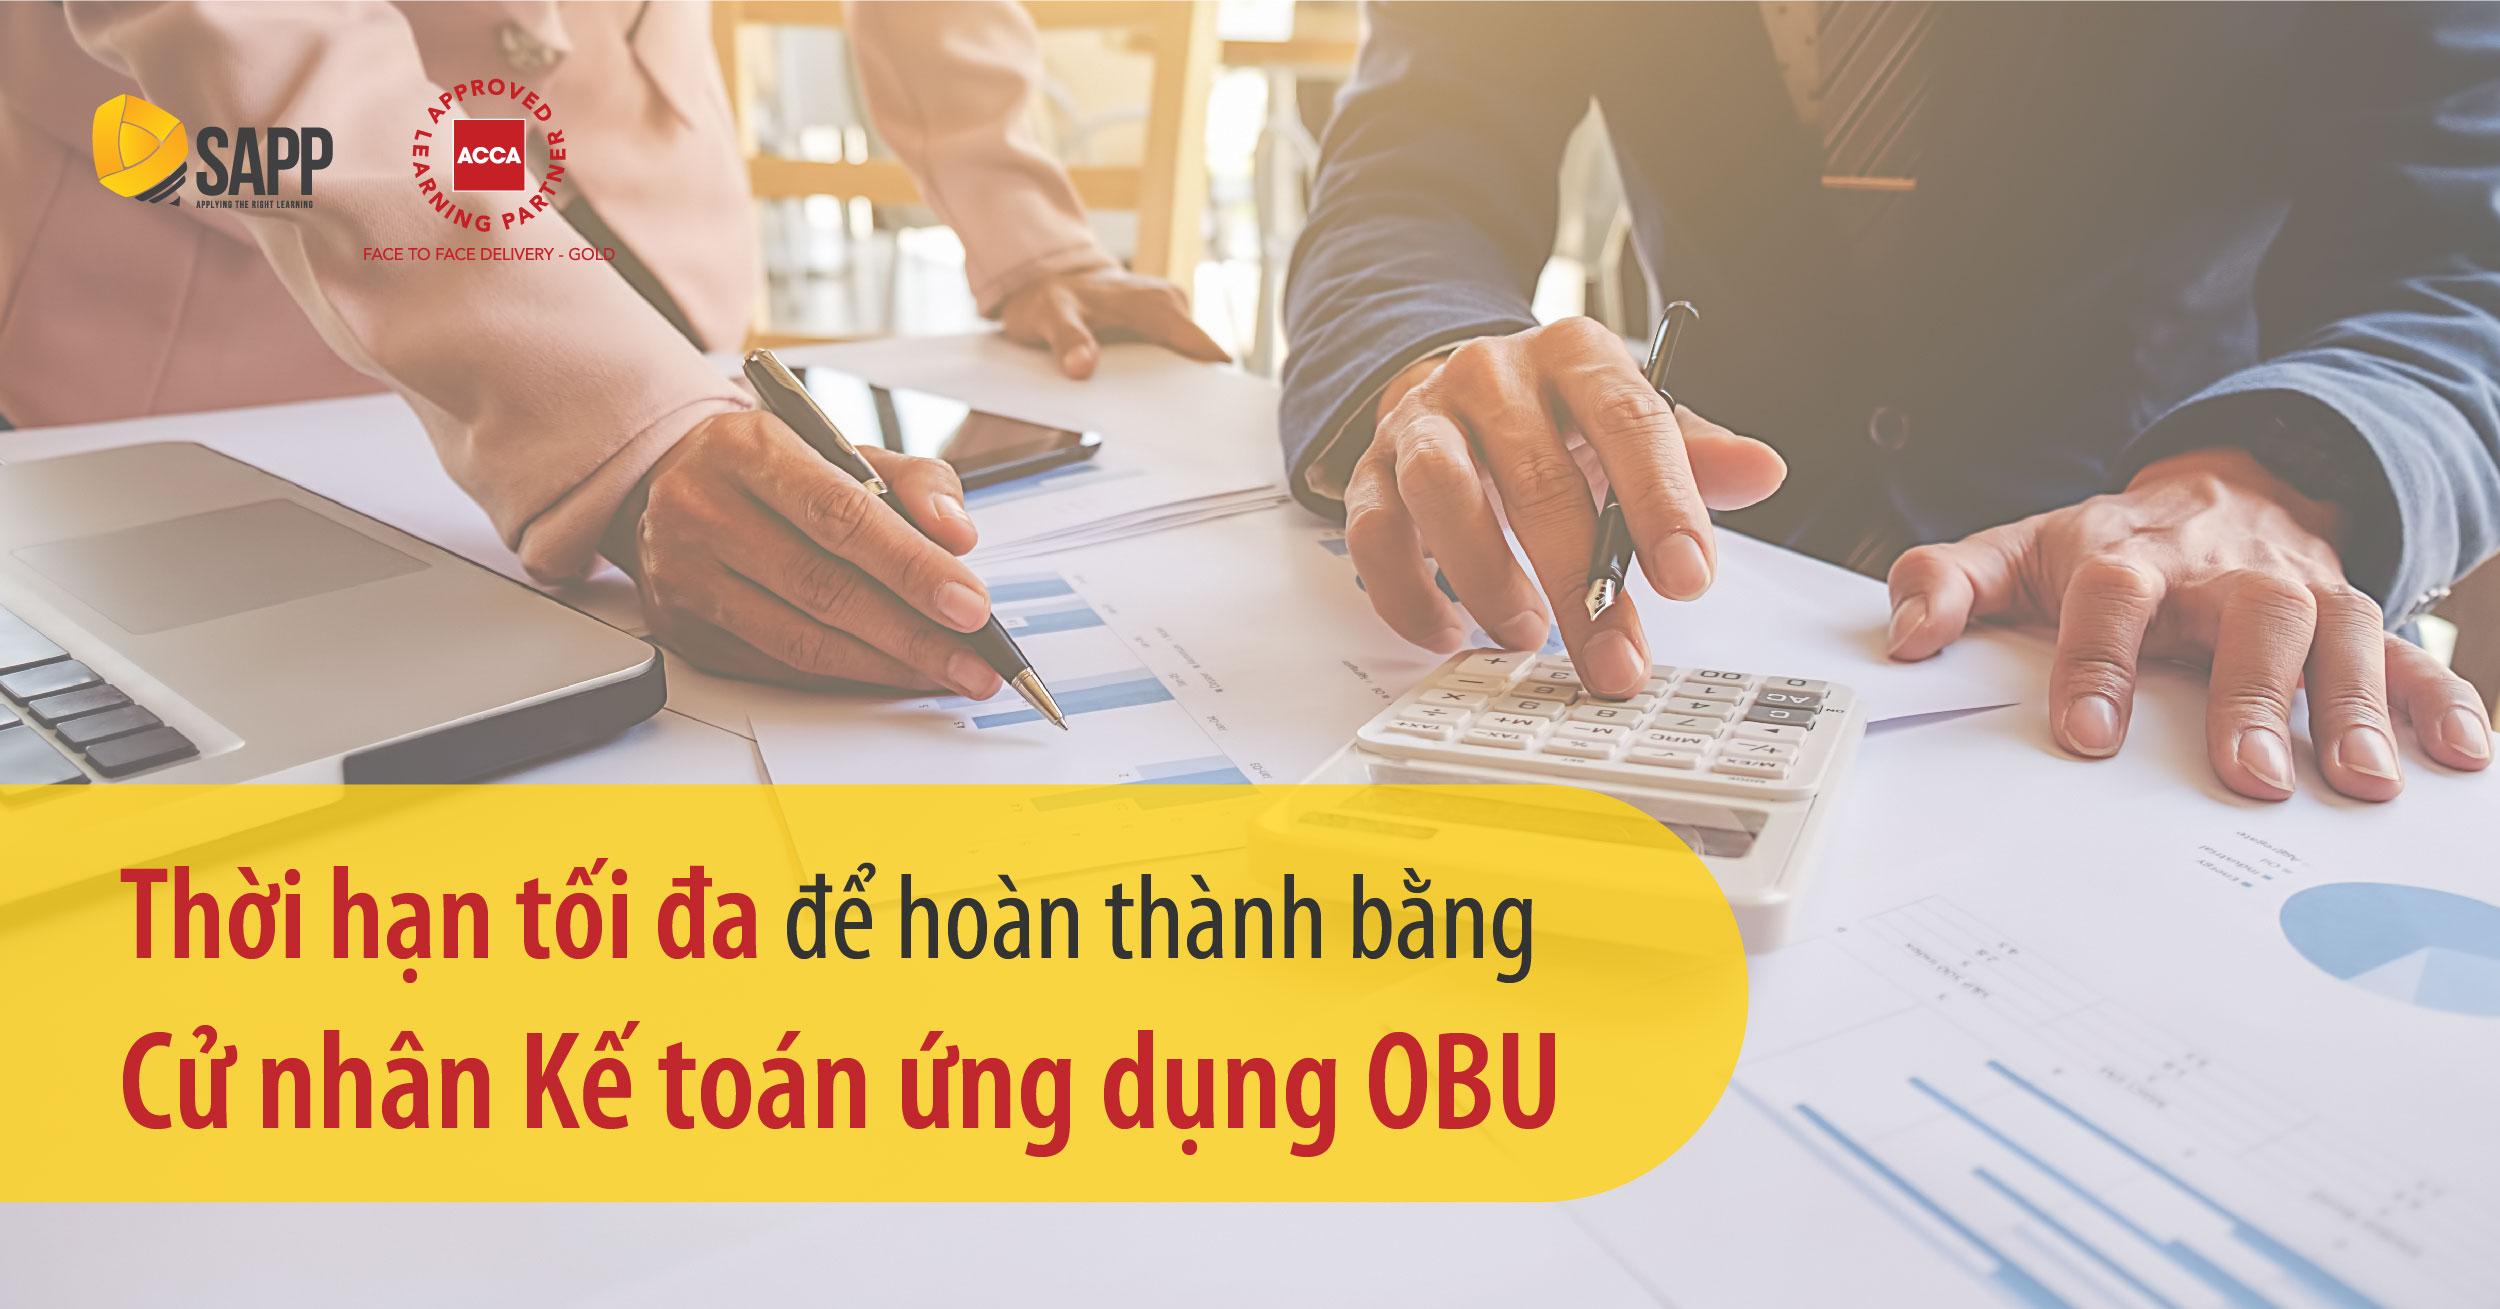 Thời hạn tối đa để hoàn thành Bằng cử nhân Kế toán ứng dụng OBU